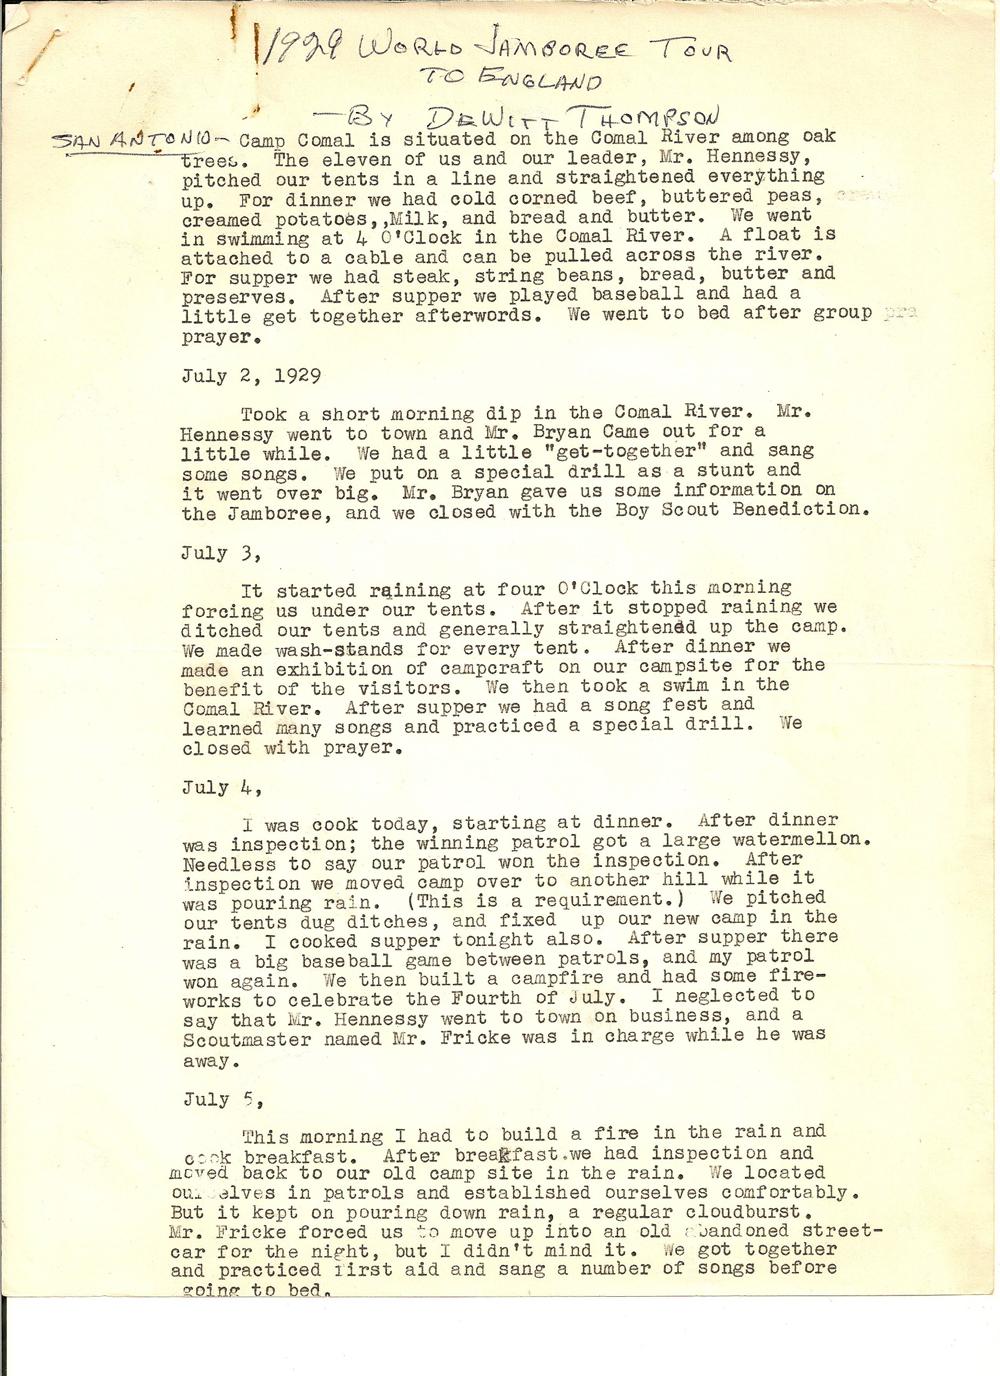 1929_Journal_DeWitt_Thompson-1